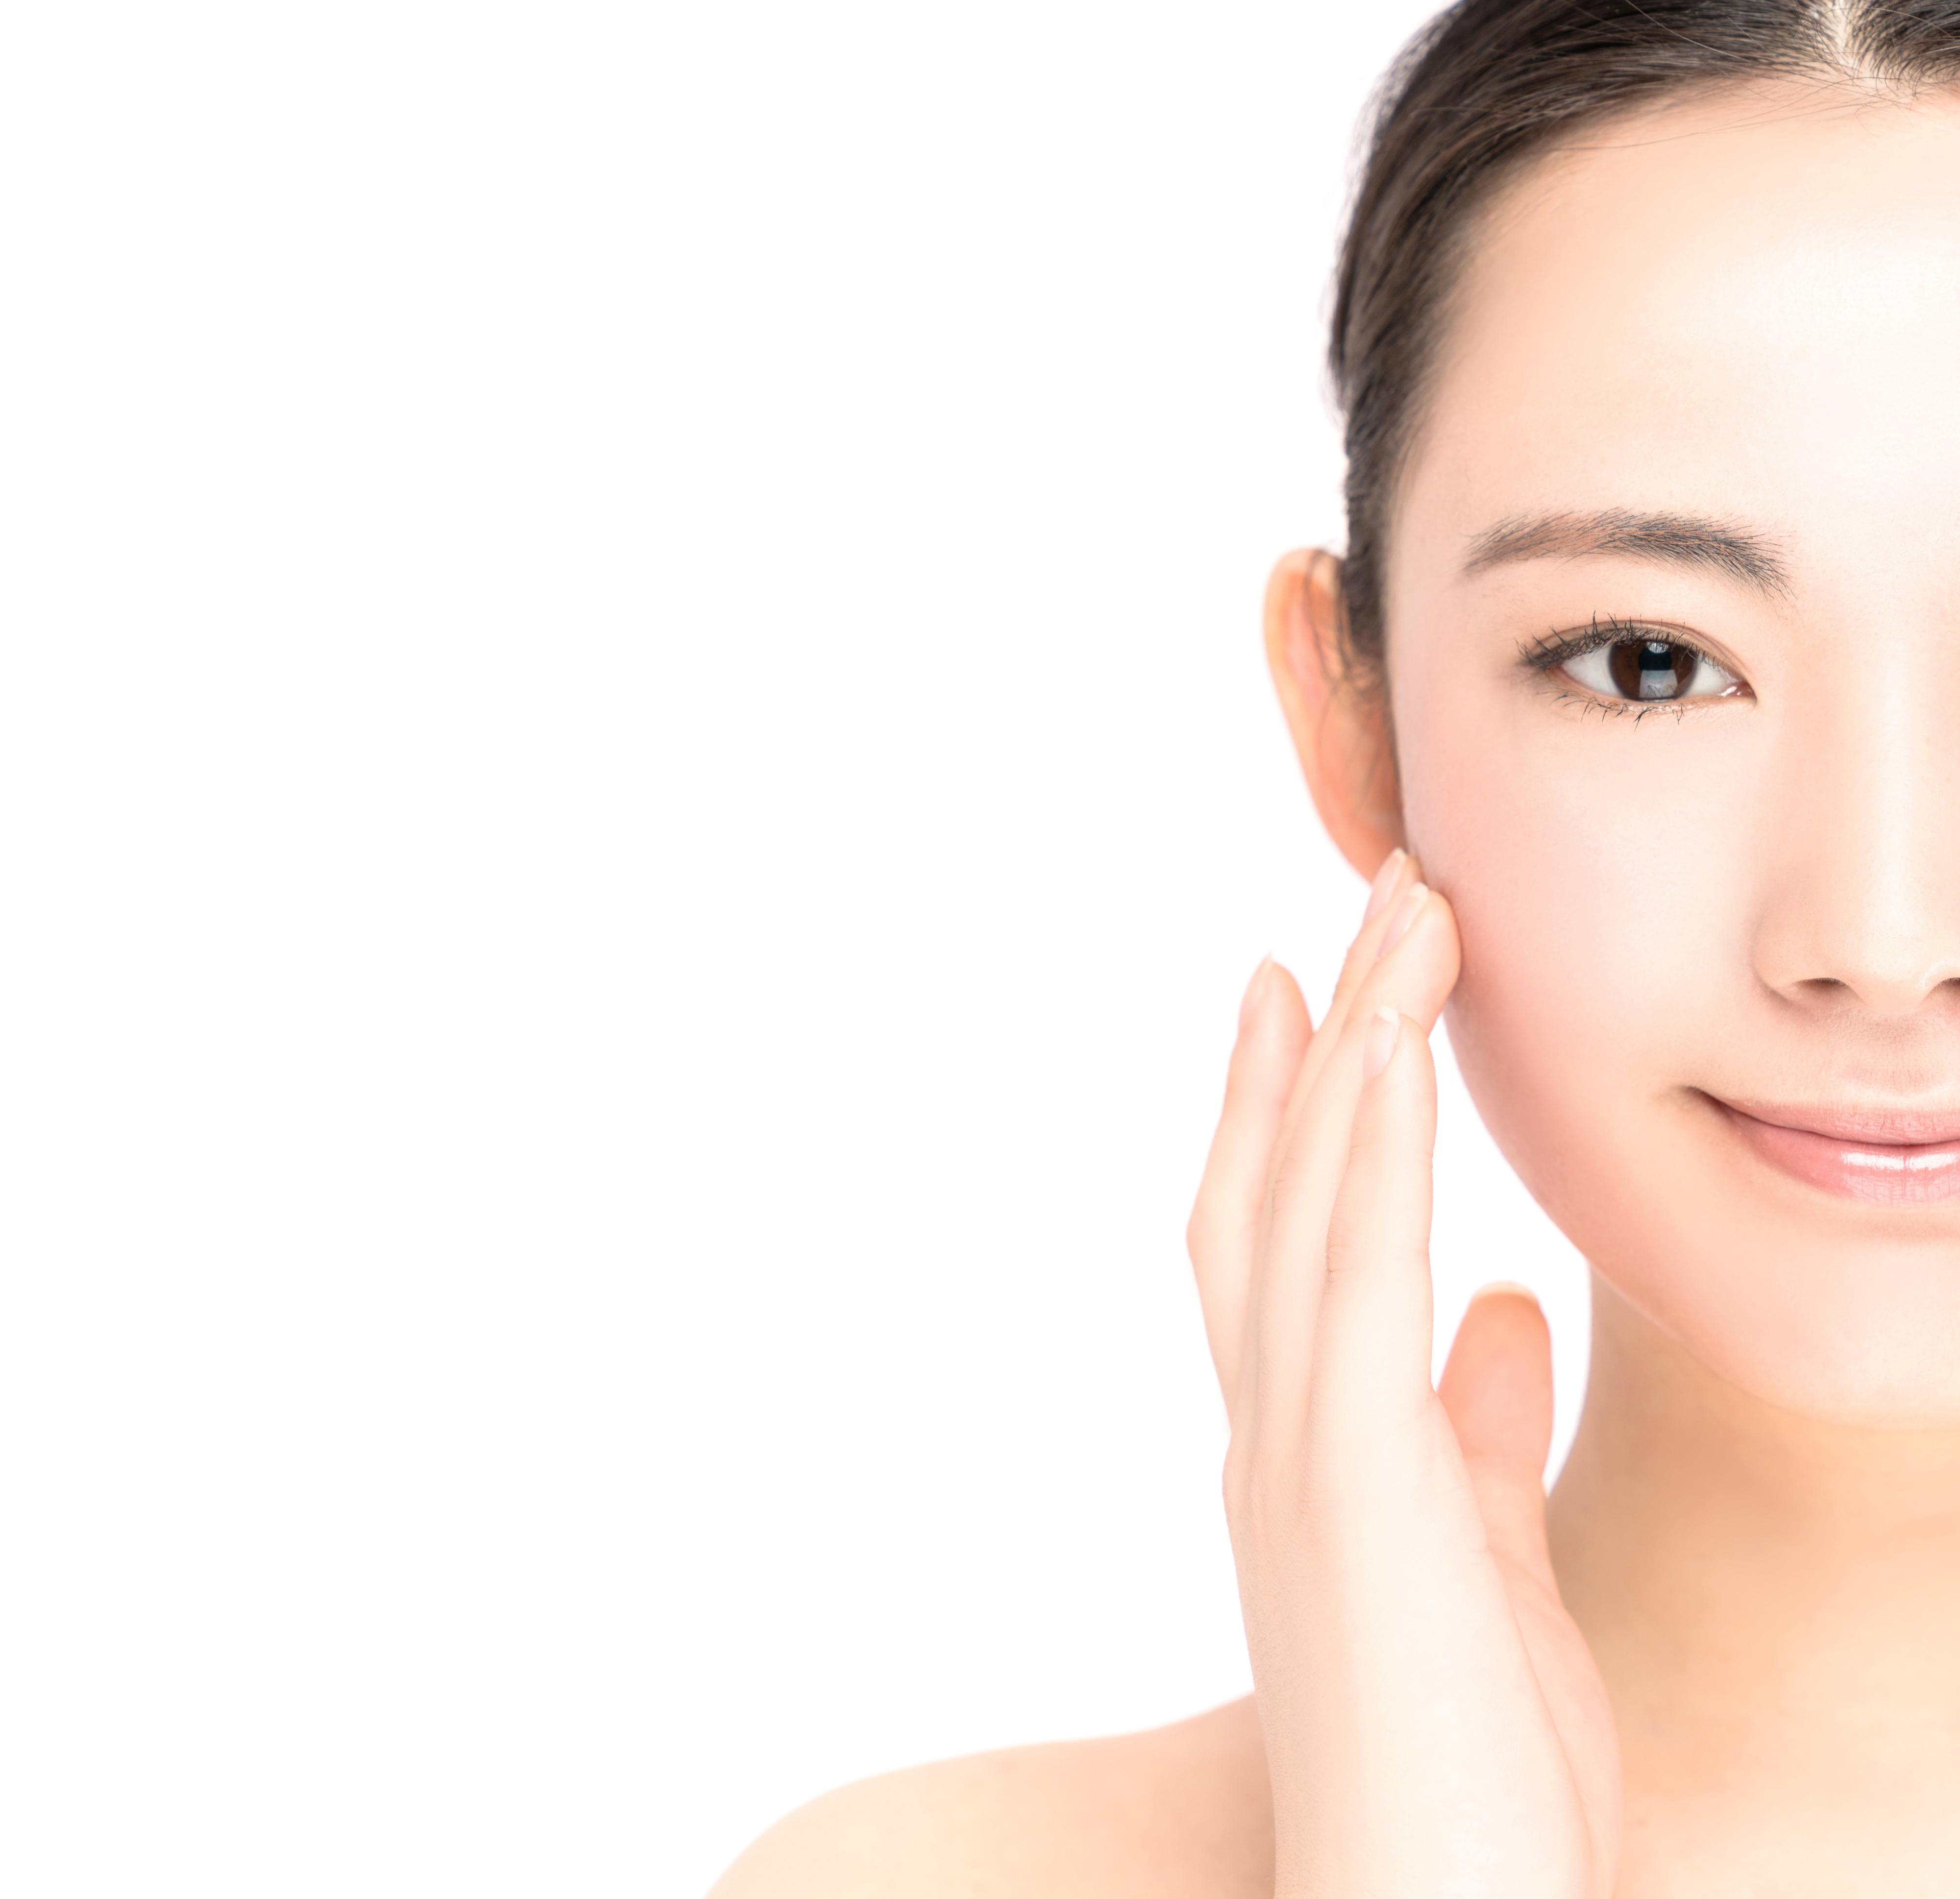 女性脱毛をお考えの方へ!顔を脱毛するメリットを詳しくご紹介!